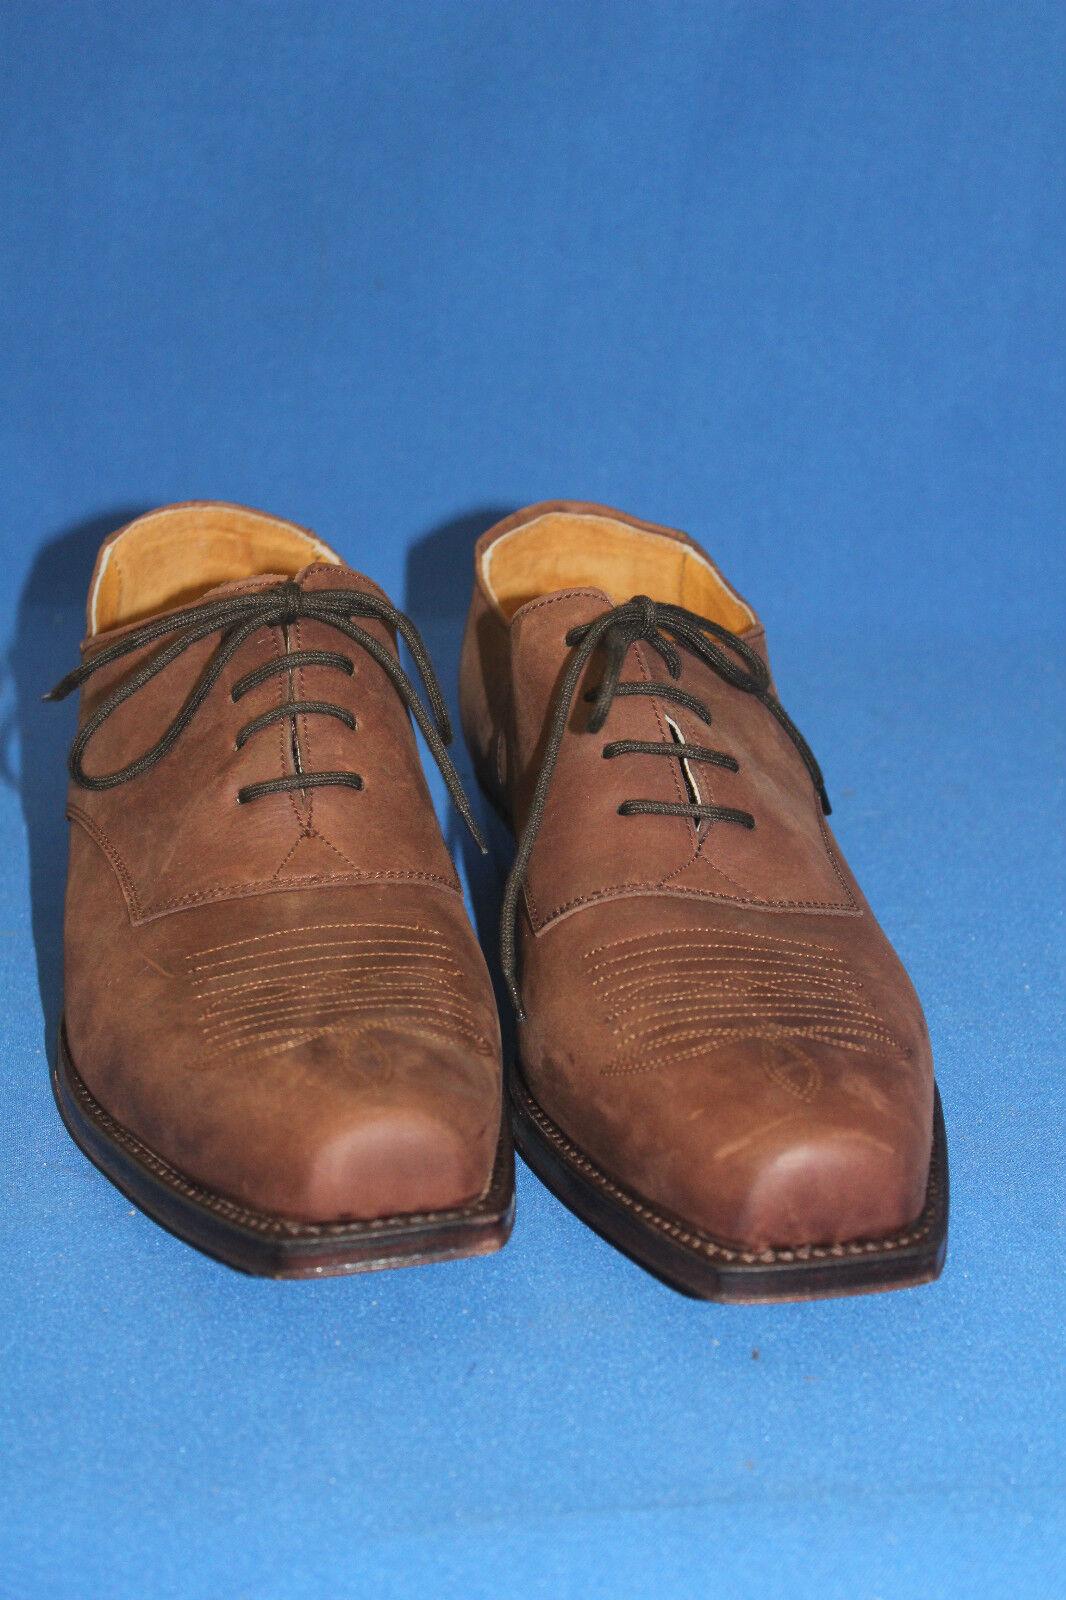 prime boots westernstiefel leder halbschuh  schnürrschuh  leder westernstiefel neu  gr. 42 nobukleder 24d7e8